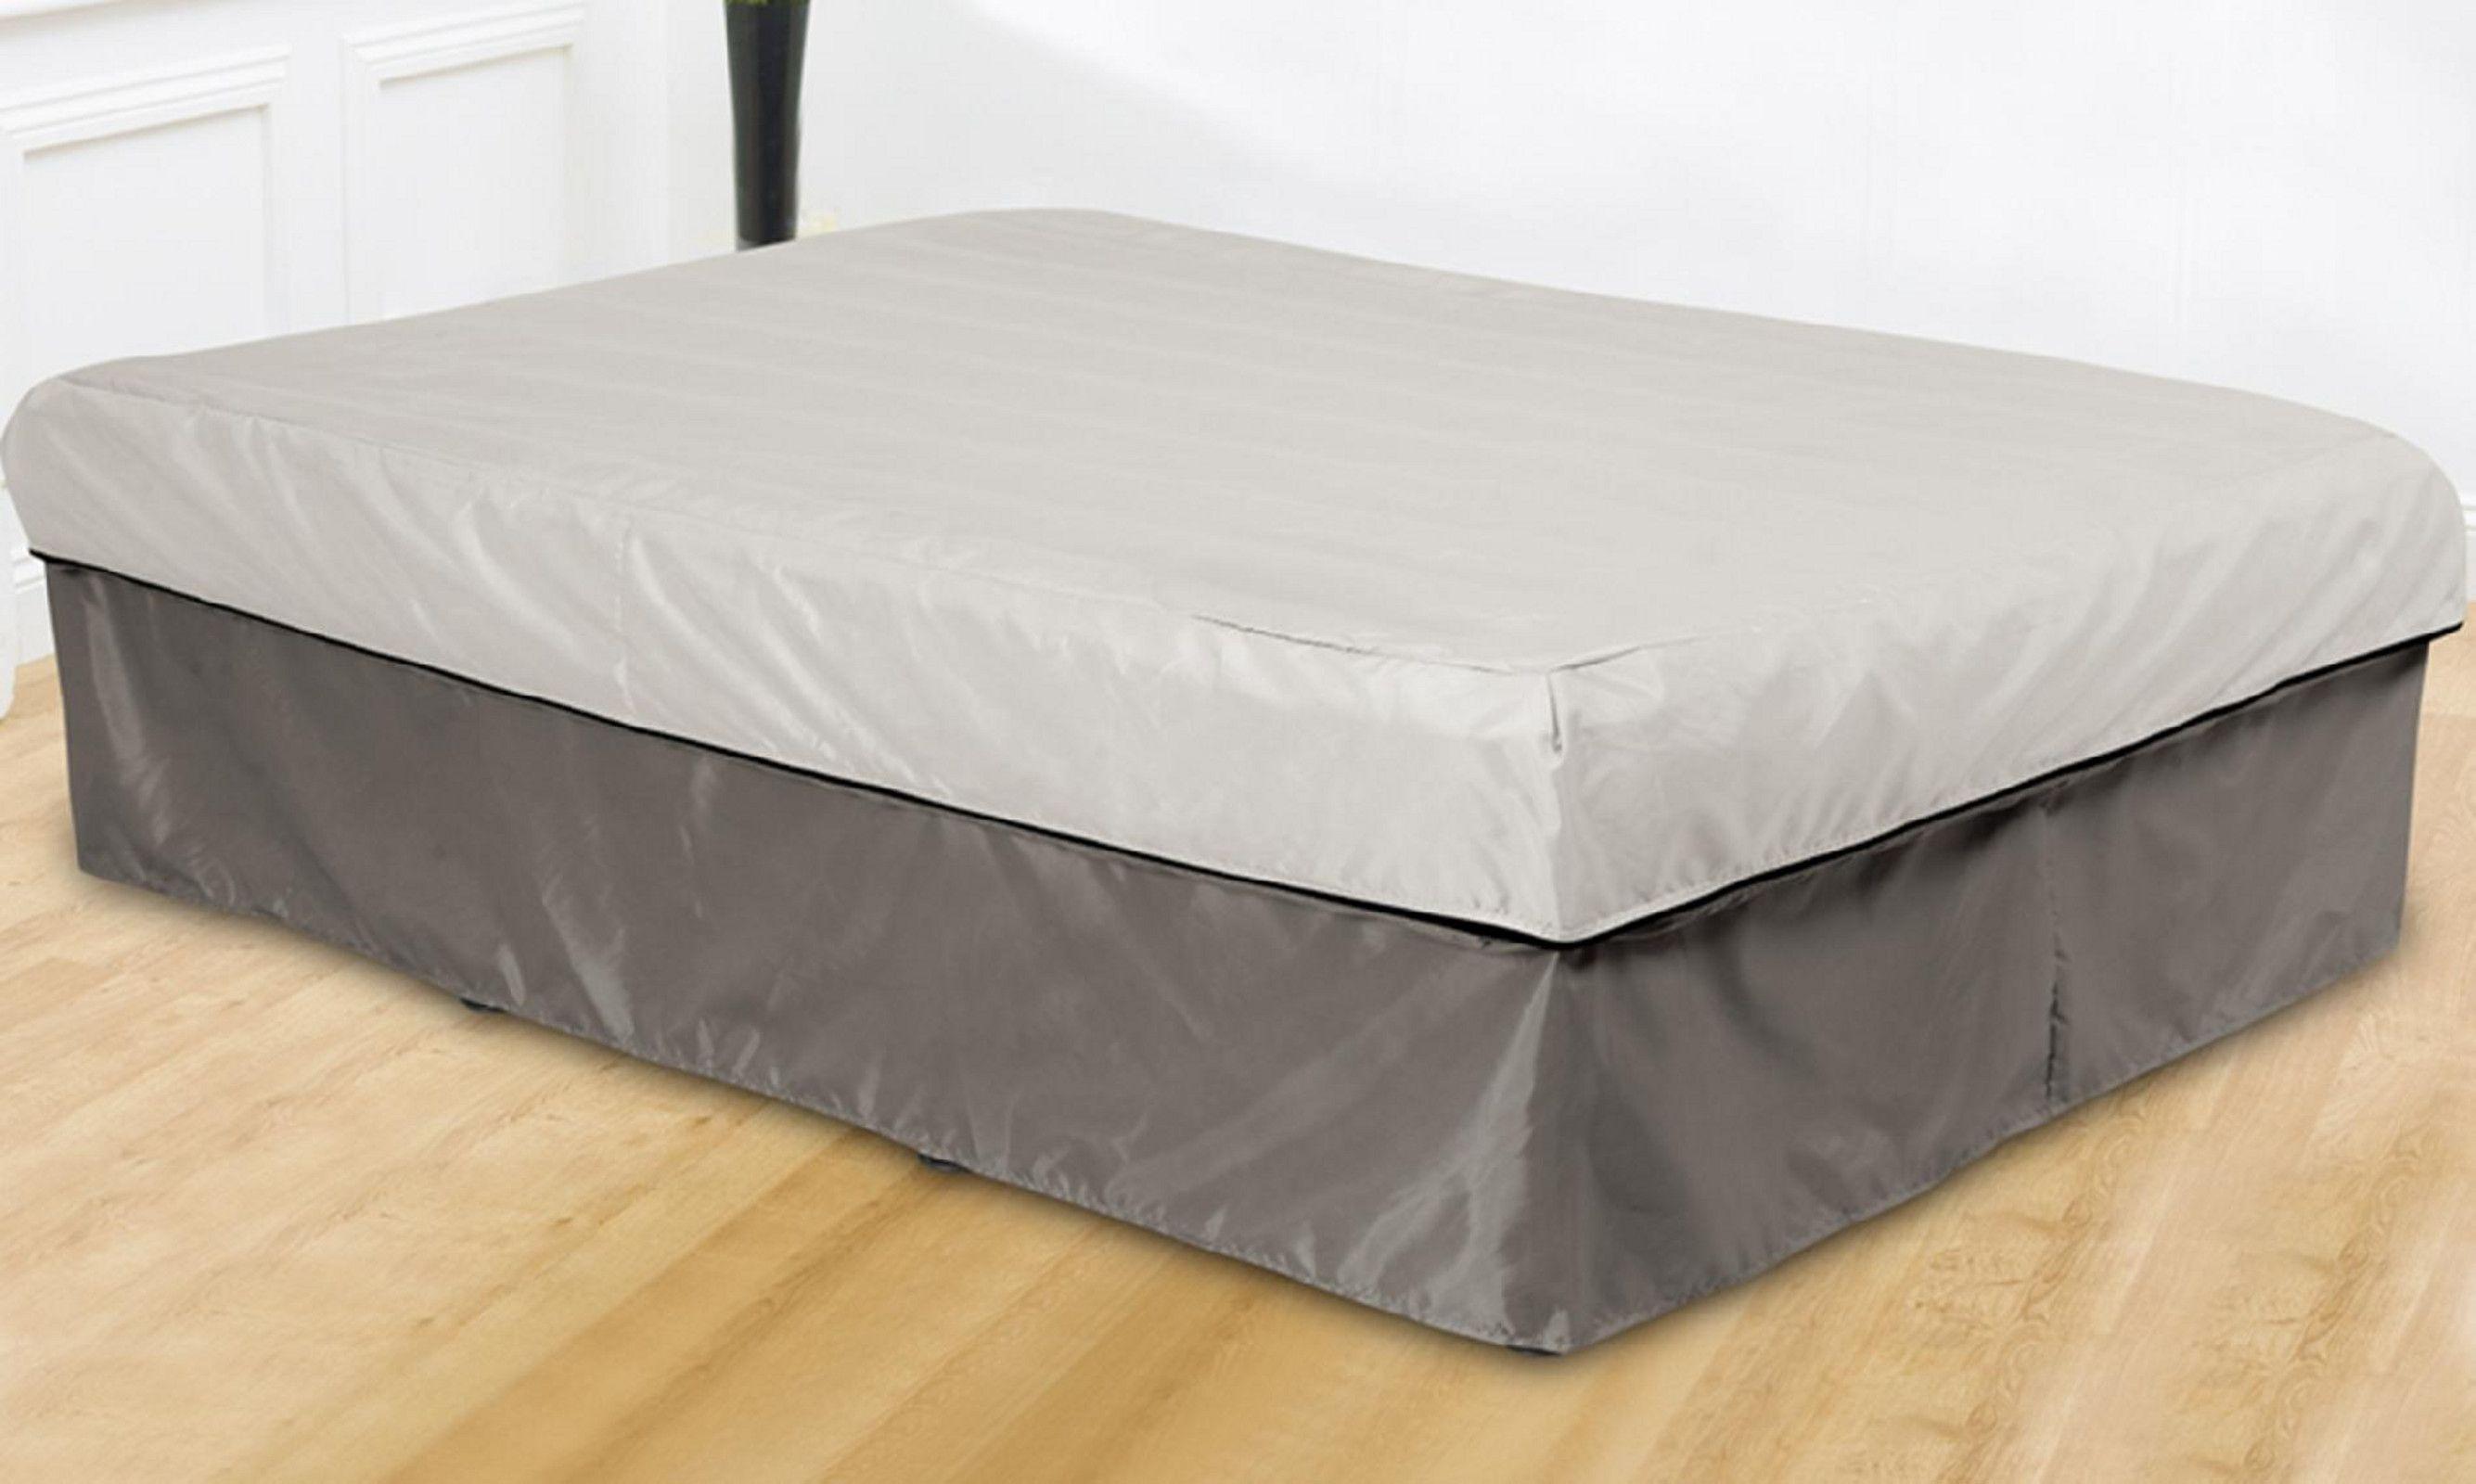 Pin By Cris Renfrew On Chead House Bunk Bed Mattress Mattress